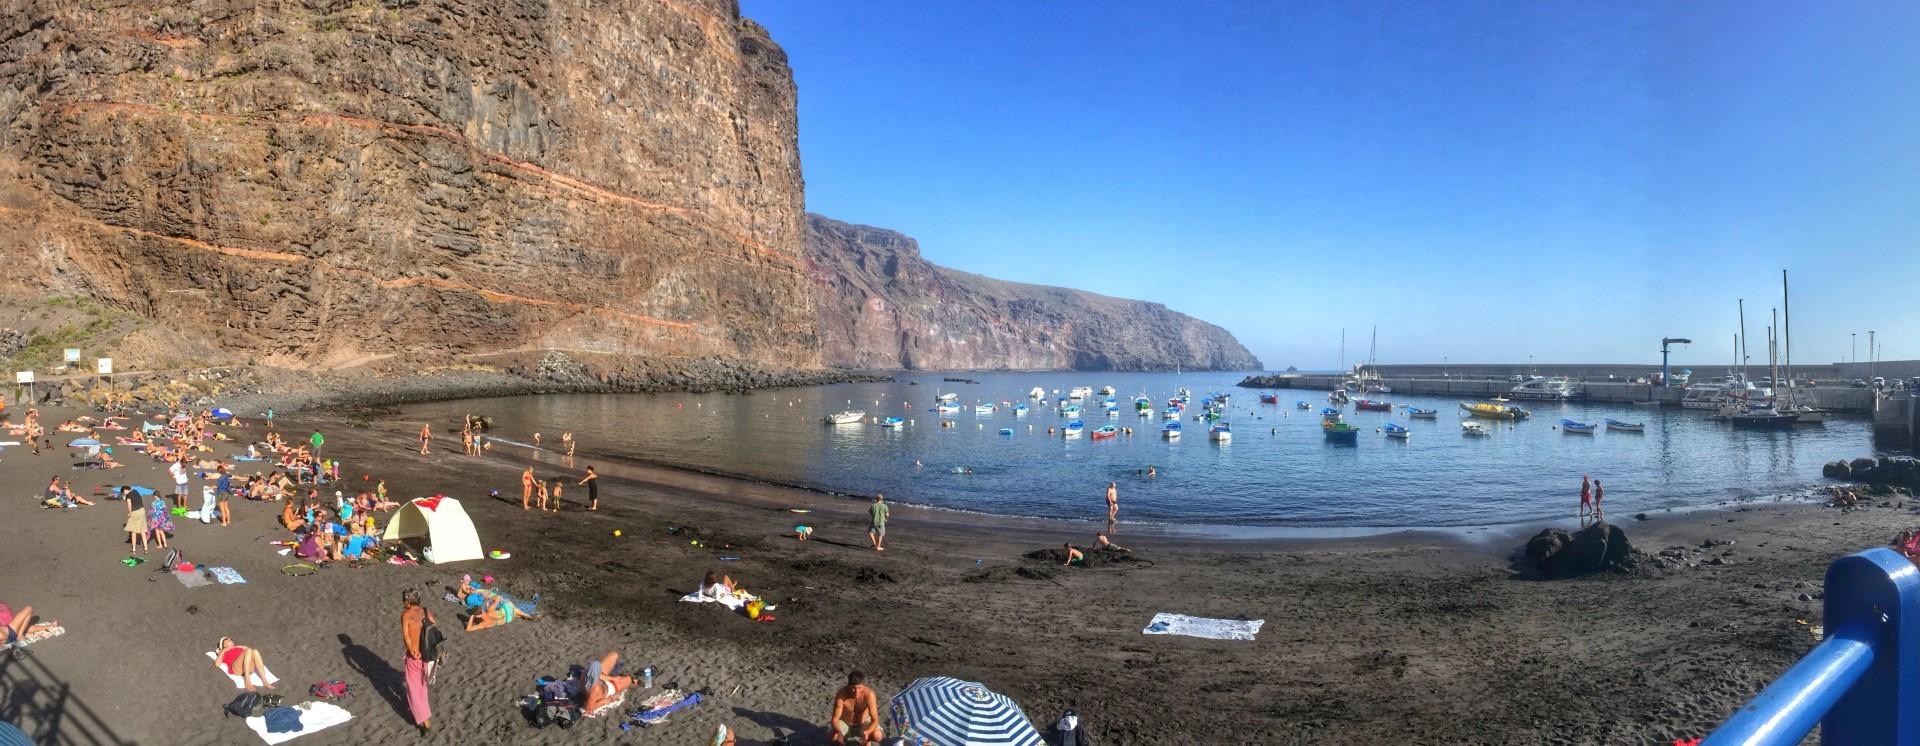 Playa de Vueltas, Puerto de Vueltas, valle Gran Rey, Playa, Arena Negra, ocio, actividades, La Gomera, pesca, nautica